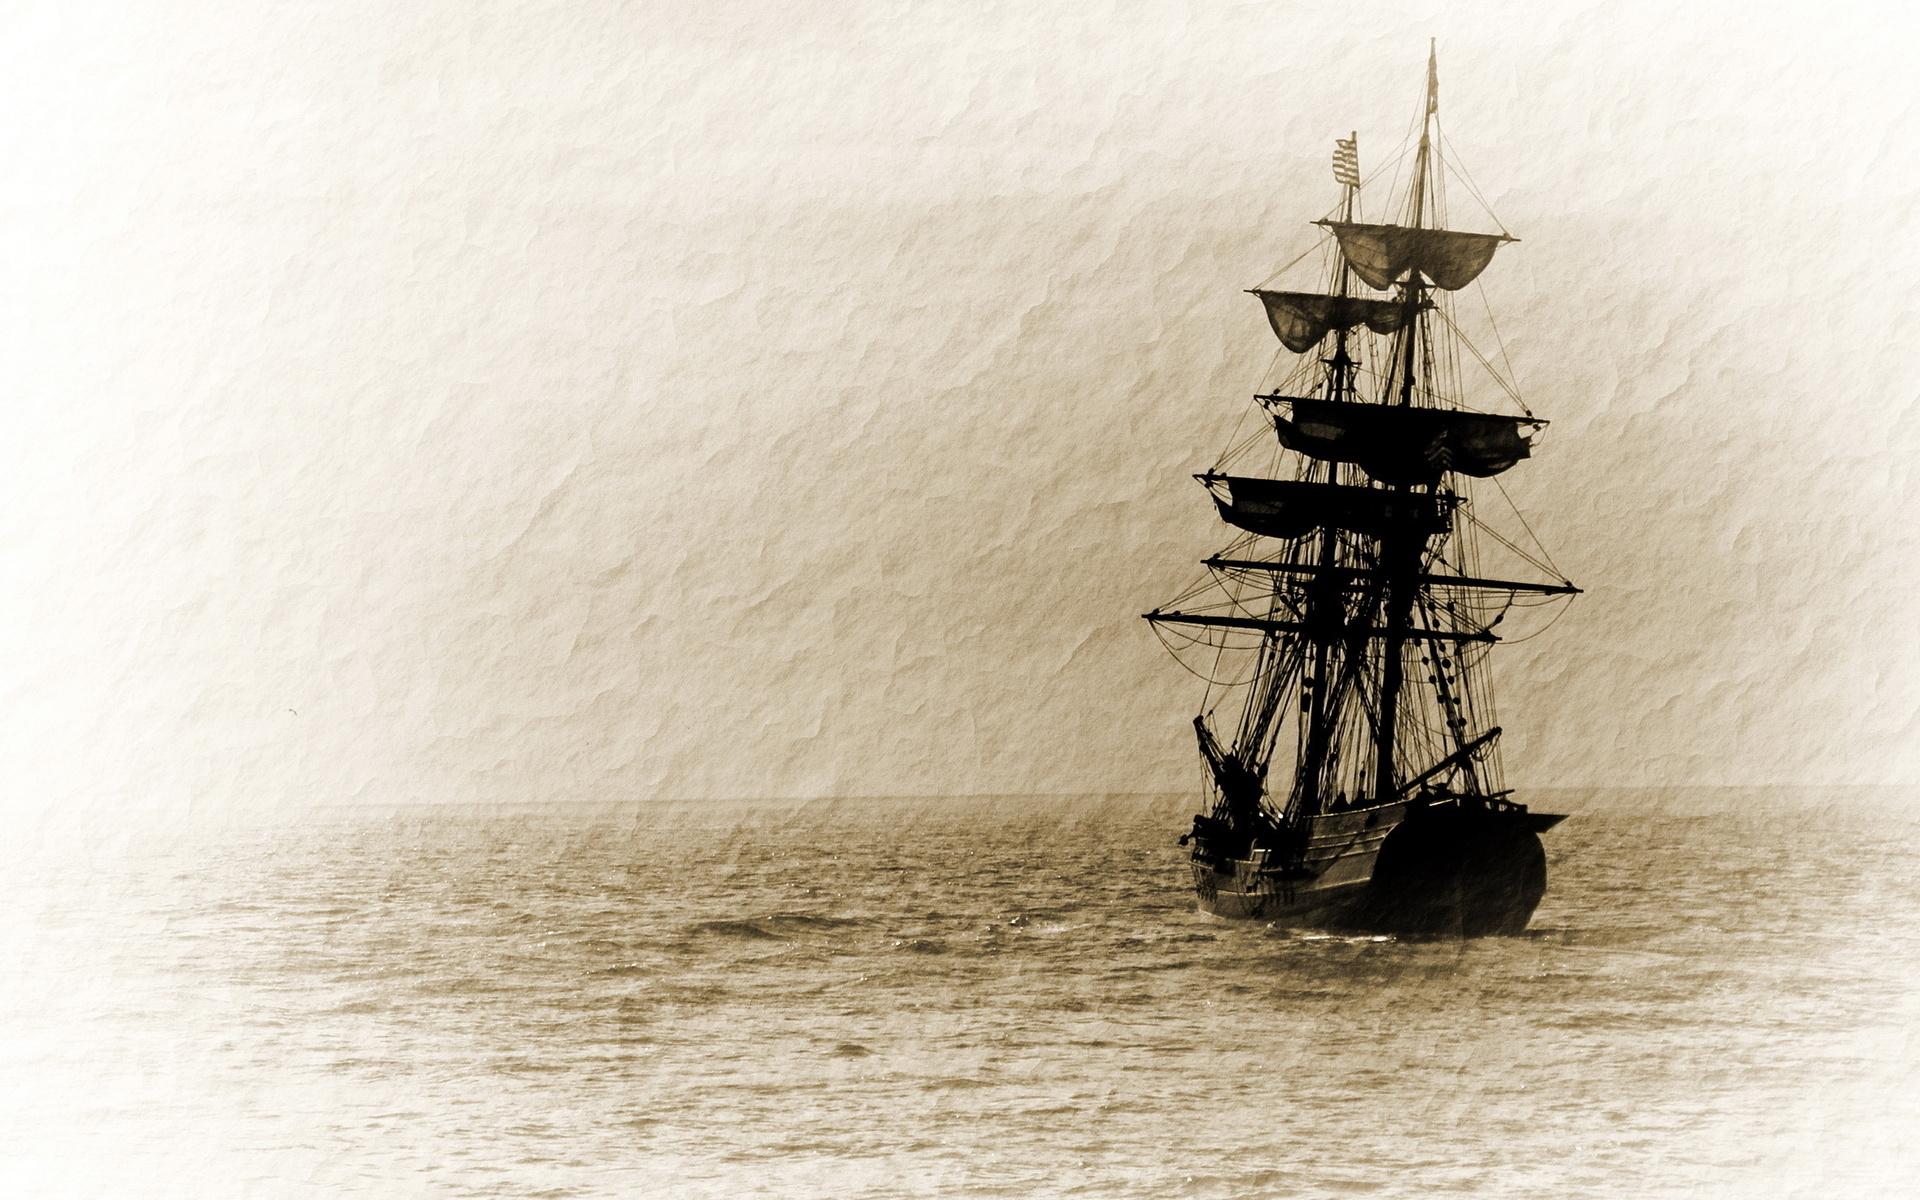 17936 скачать обои Транспорт, Корабли, Море - заставки и картинки бесплатно